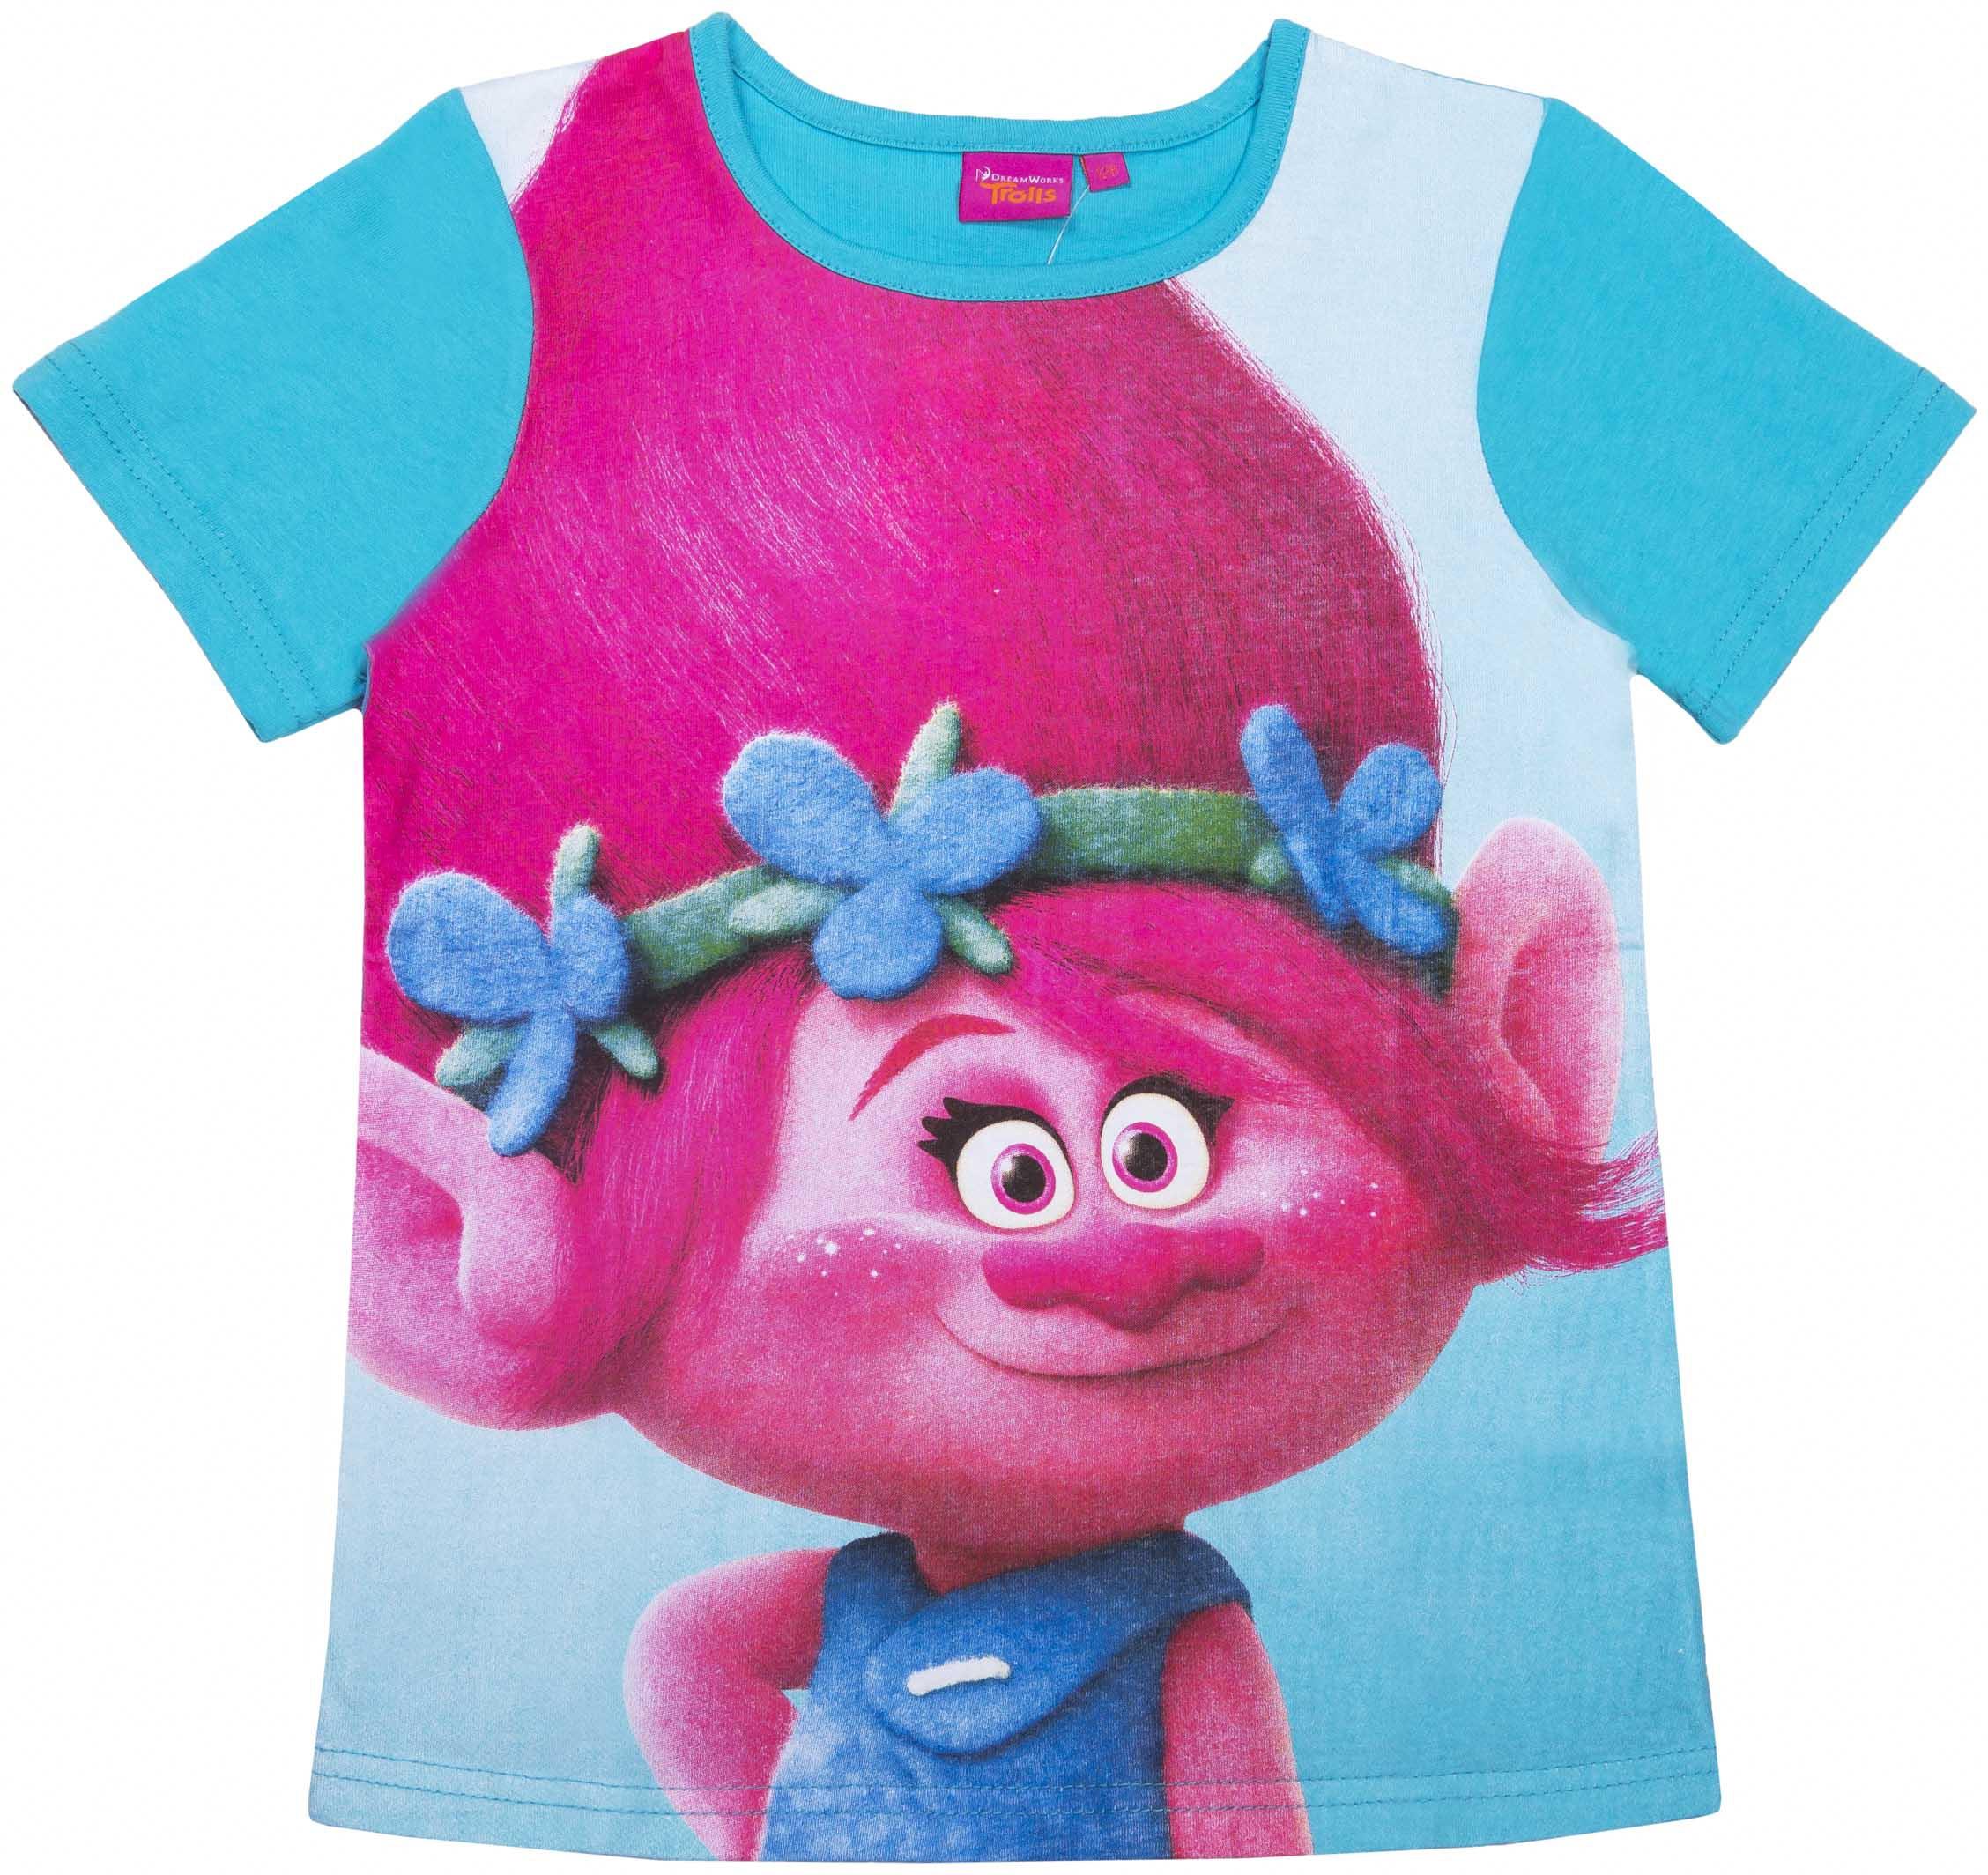 Фото - Футболка с коротким рукавом для девочки Trolls TRSM 27134 футболка с коротким рукавом для девочки trolls trsm 27133